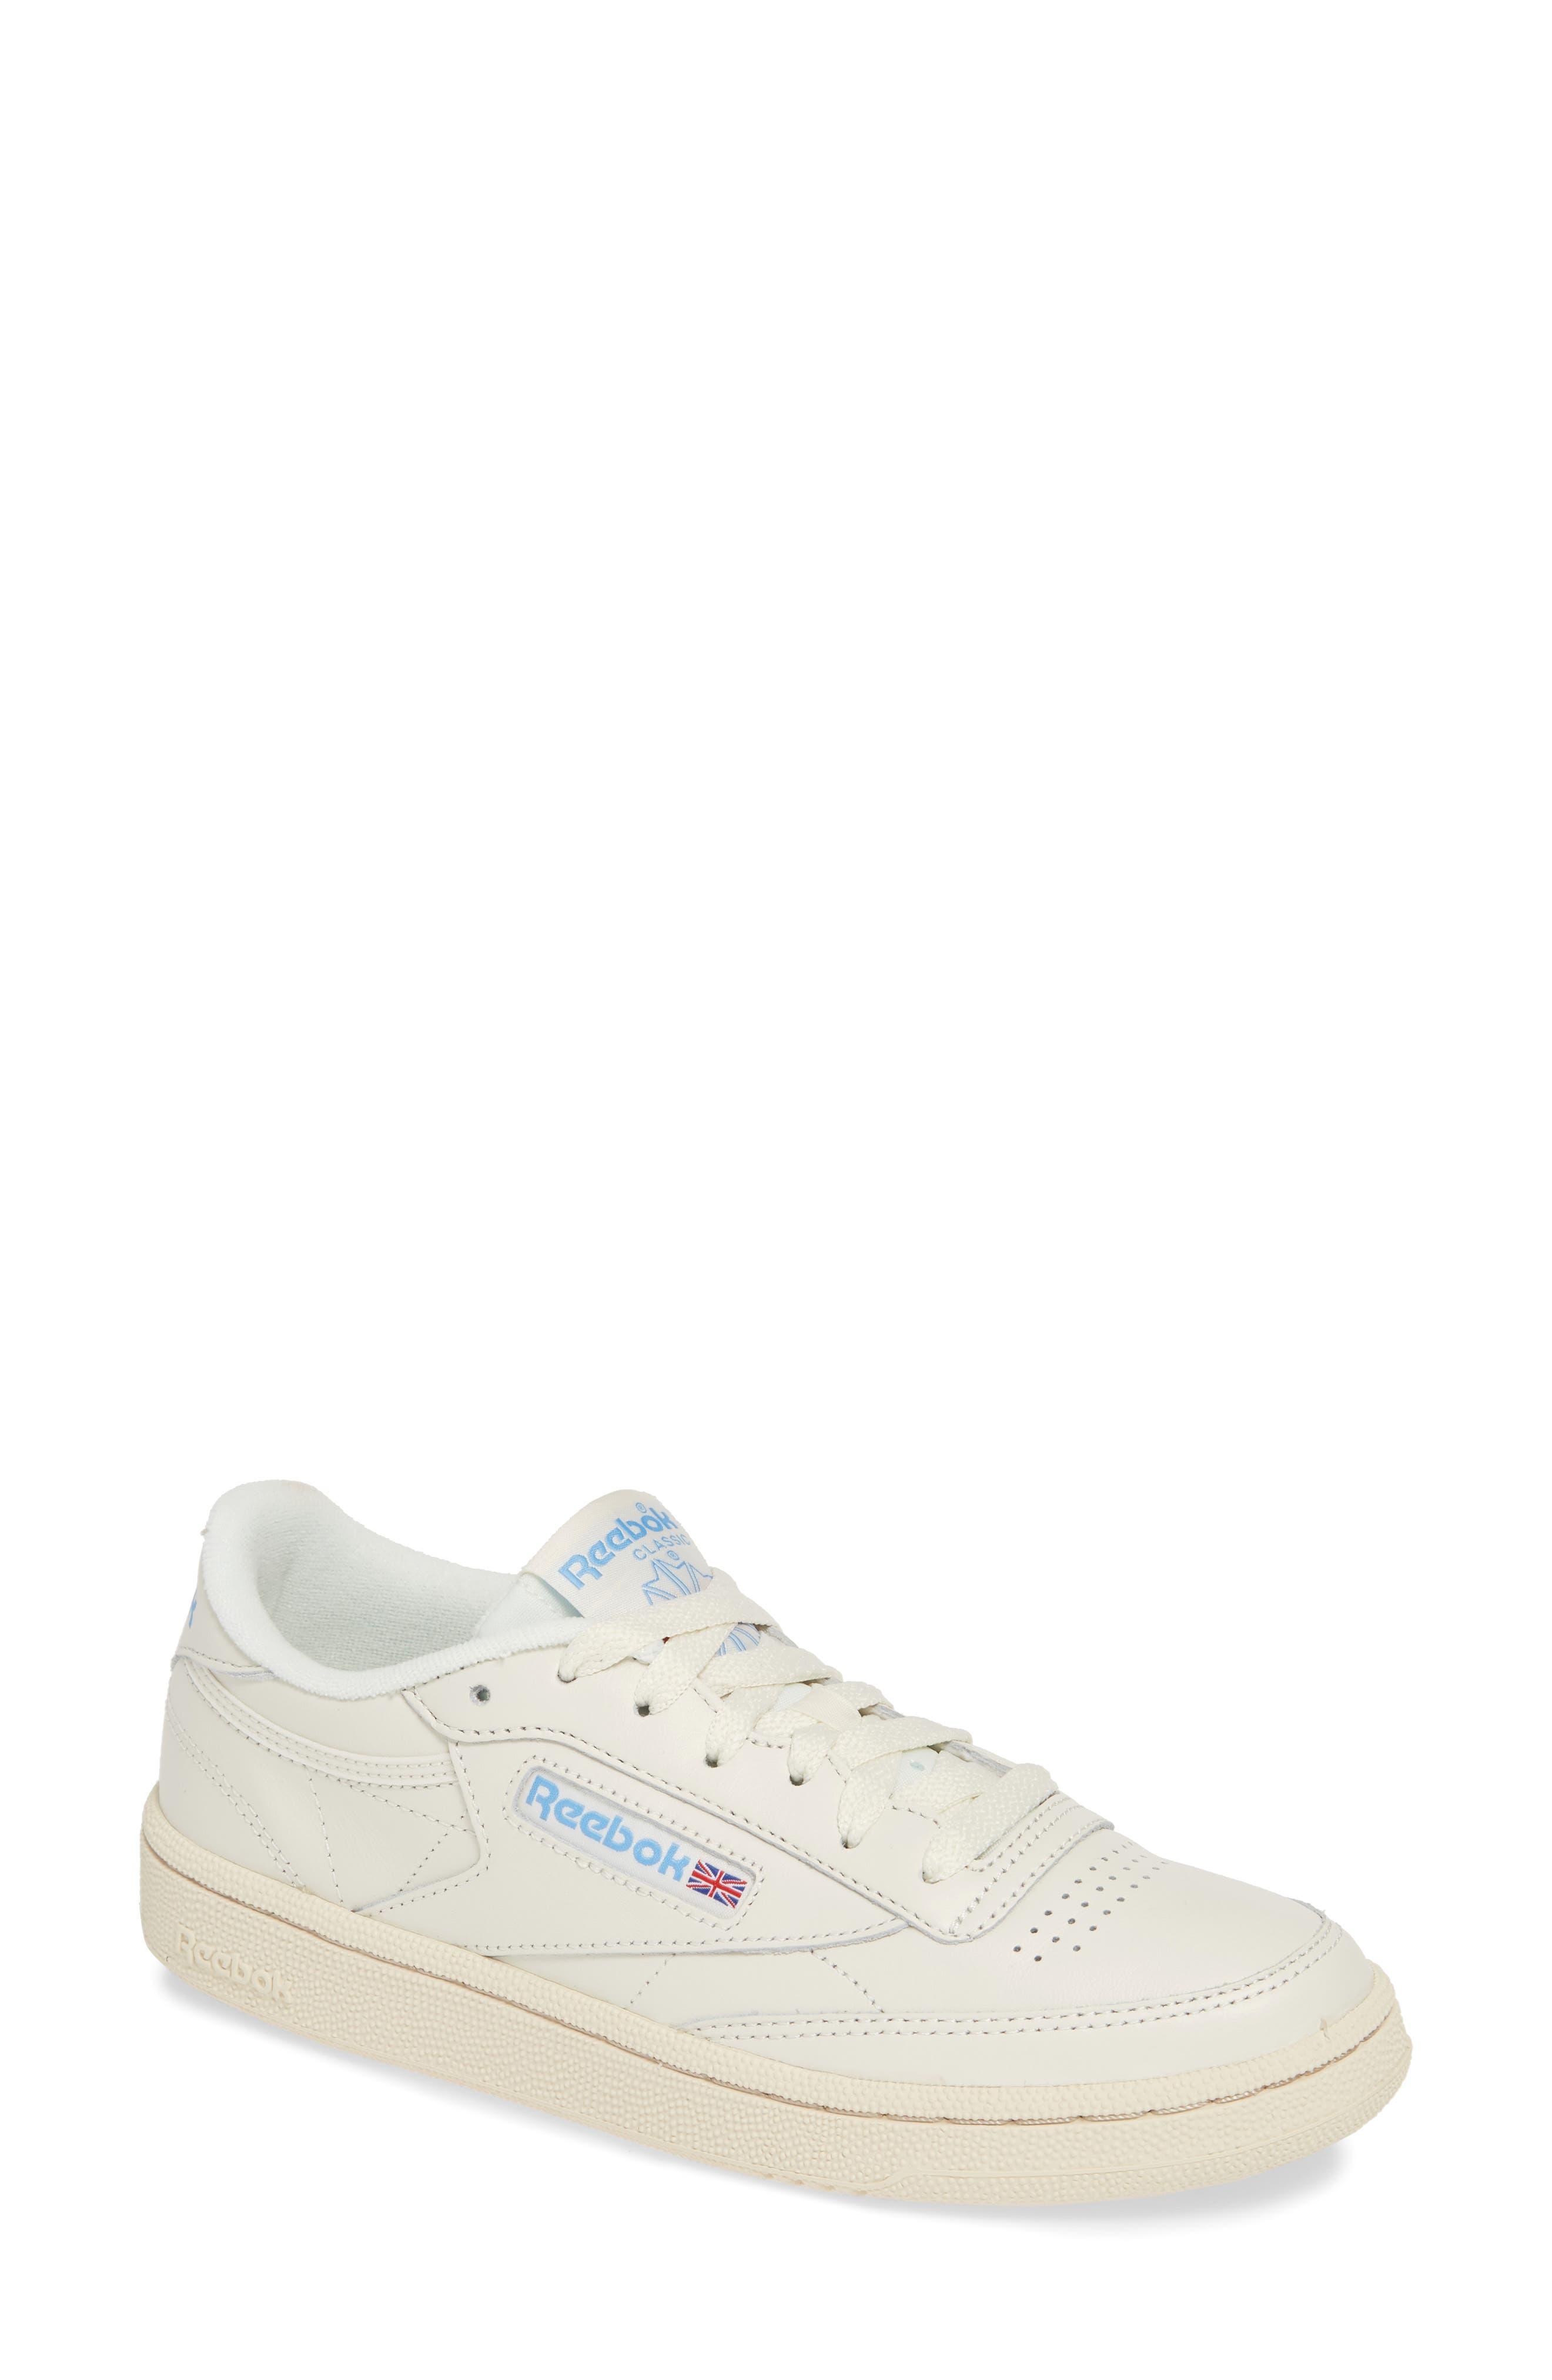 Reebok Club C 85 Sneaker, White